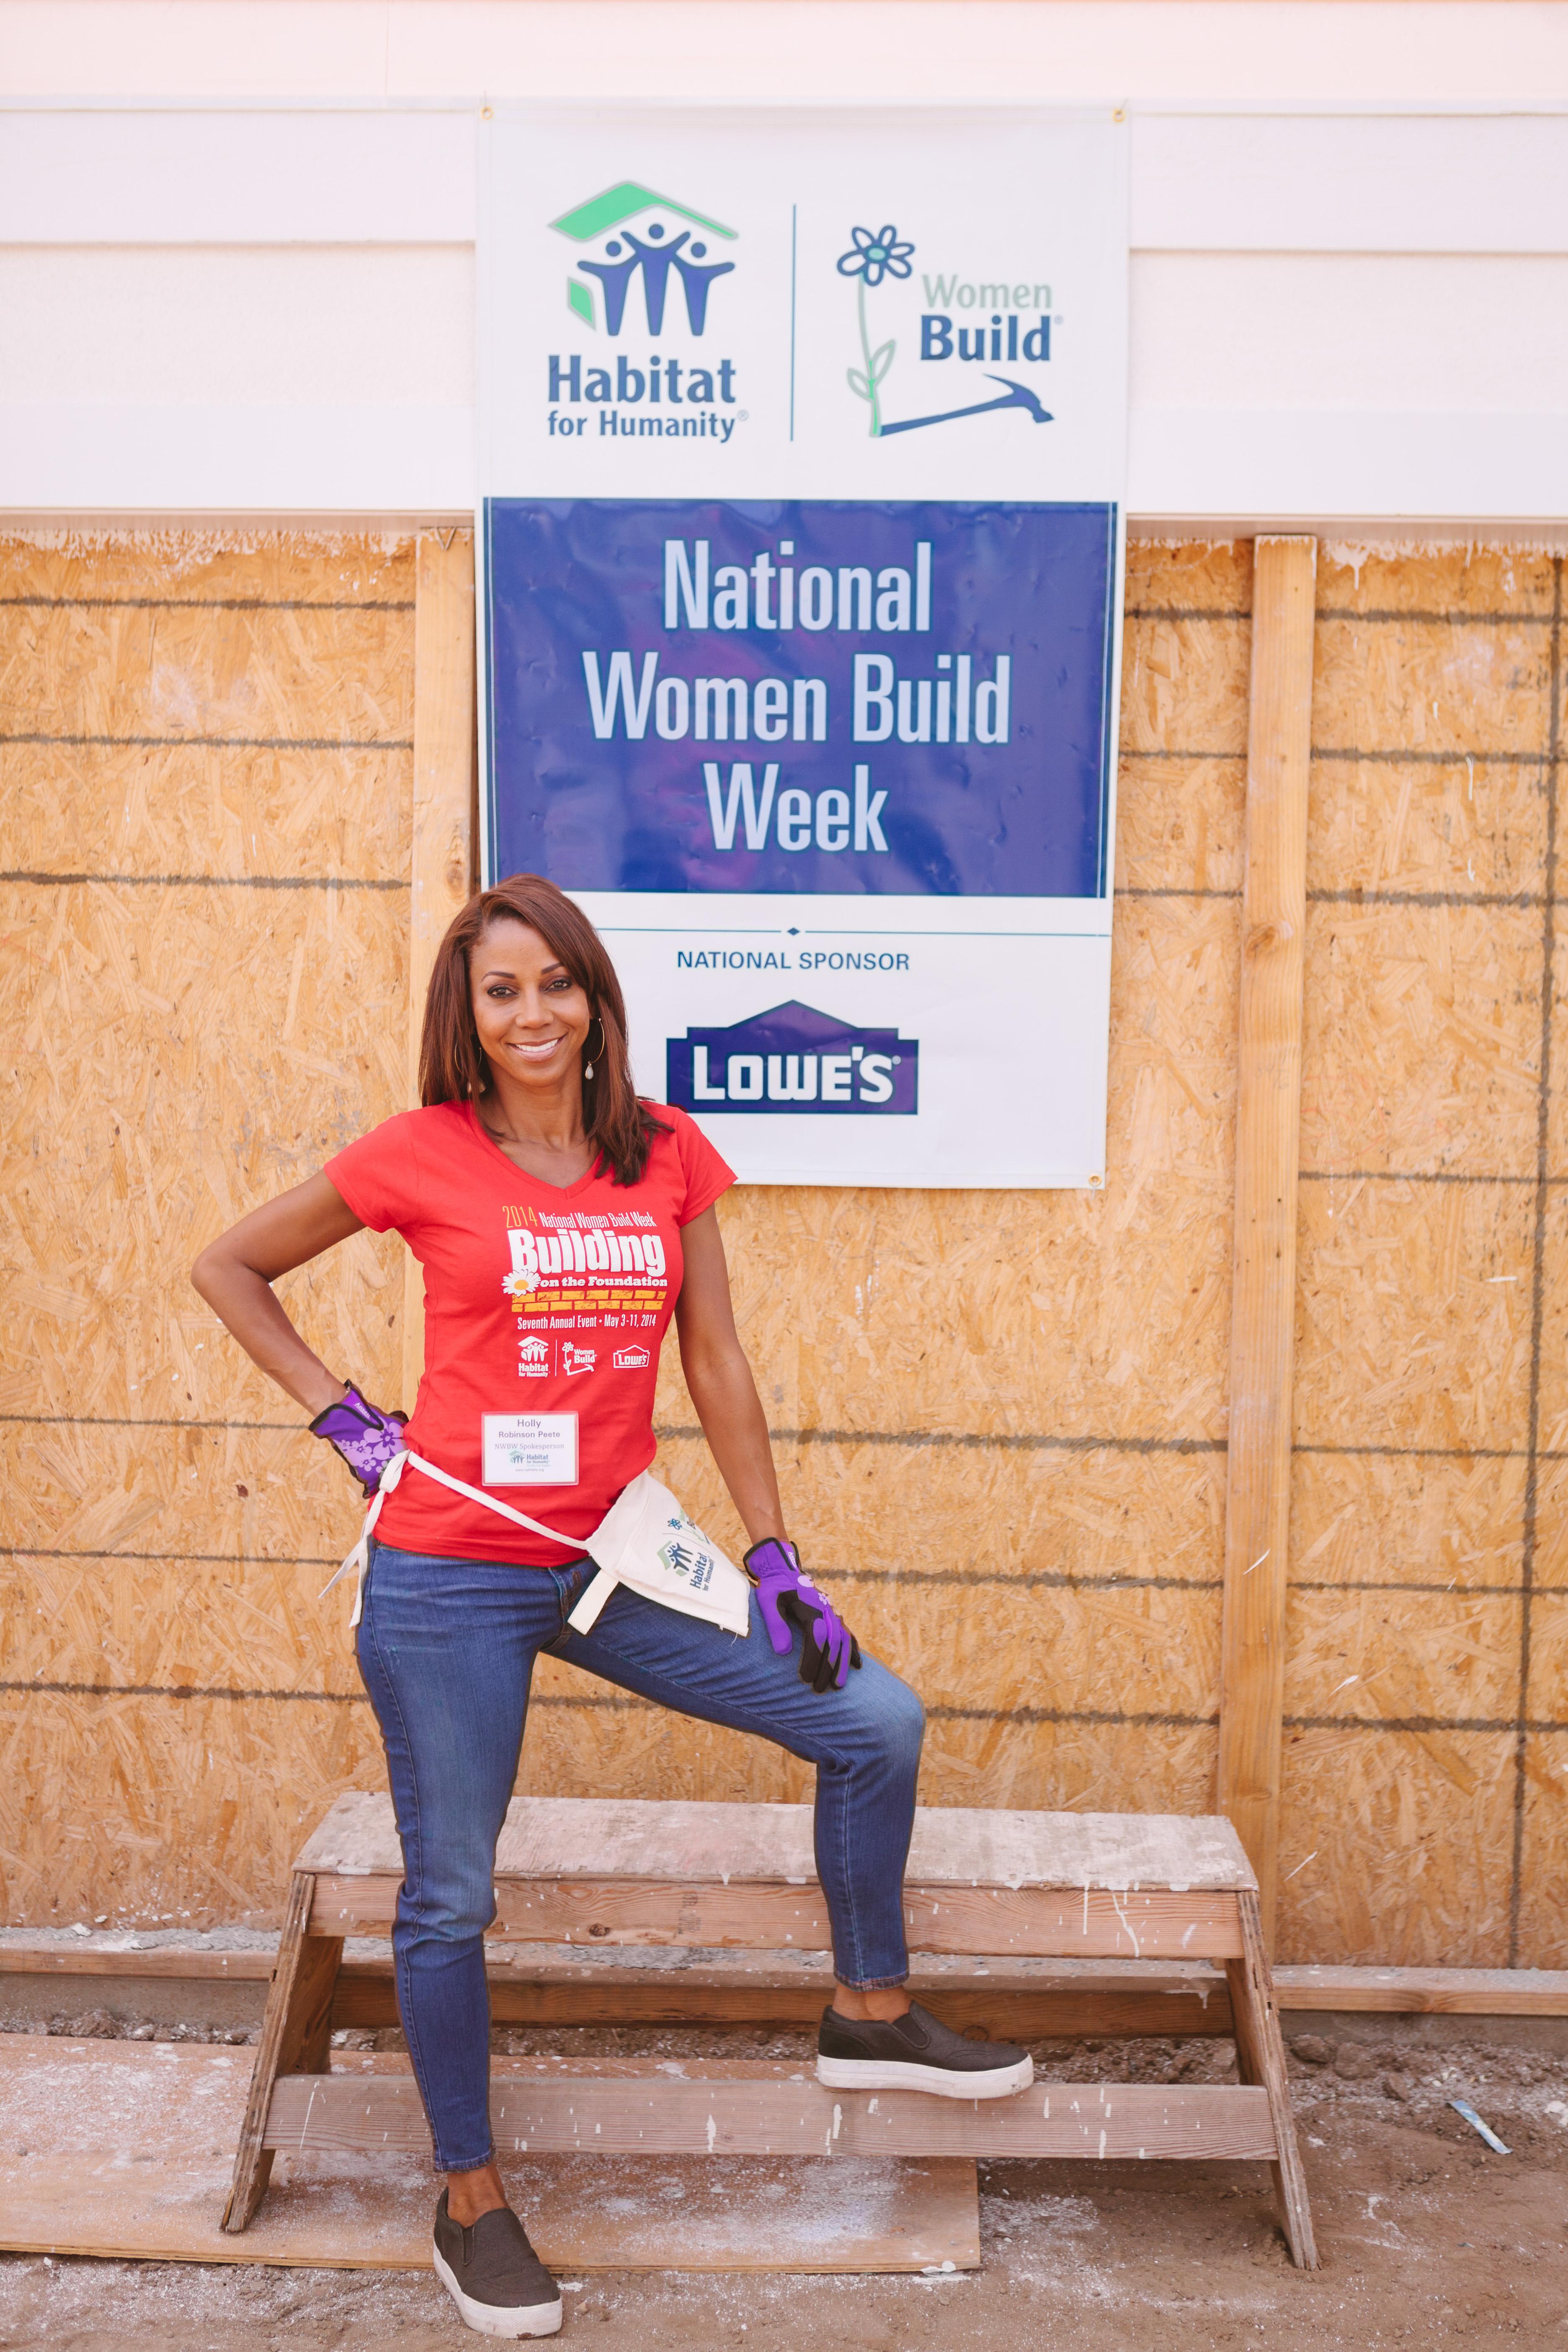 National Women Build Week Spokesperson Volunteers to Build ...